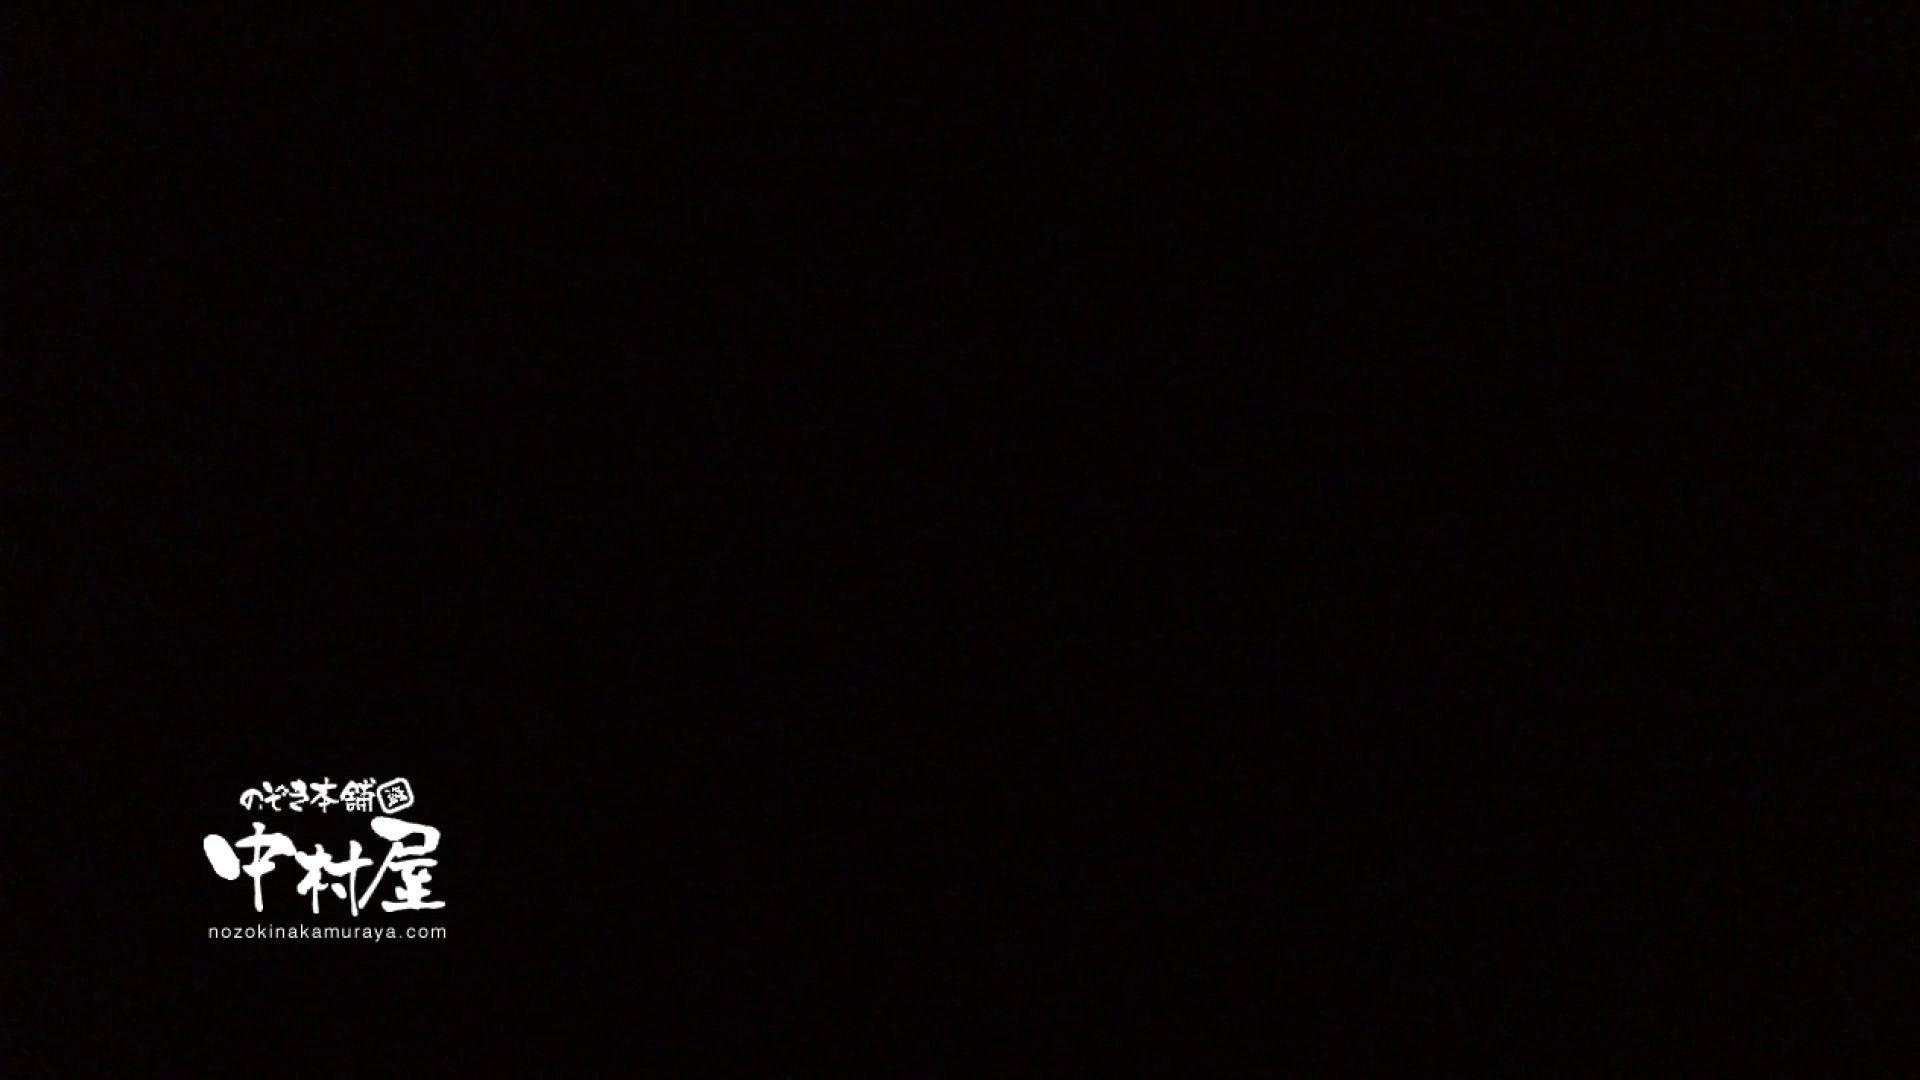 鬼畜 vol.10 あぁ無情…中出しパイパン! 前編 中出し セックス画像 76PIX 59